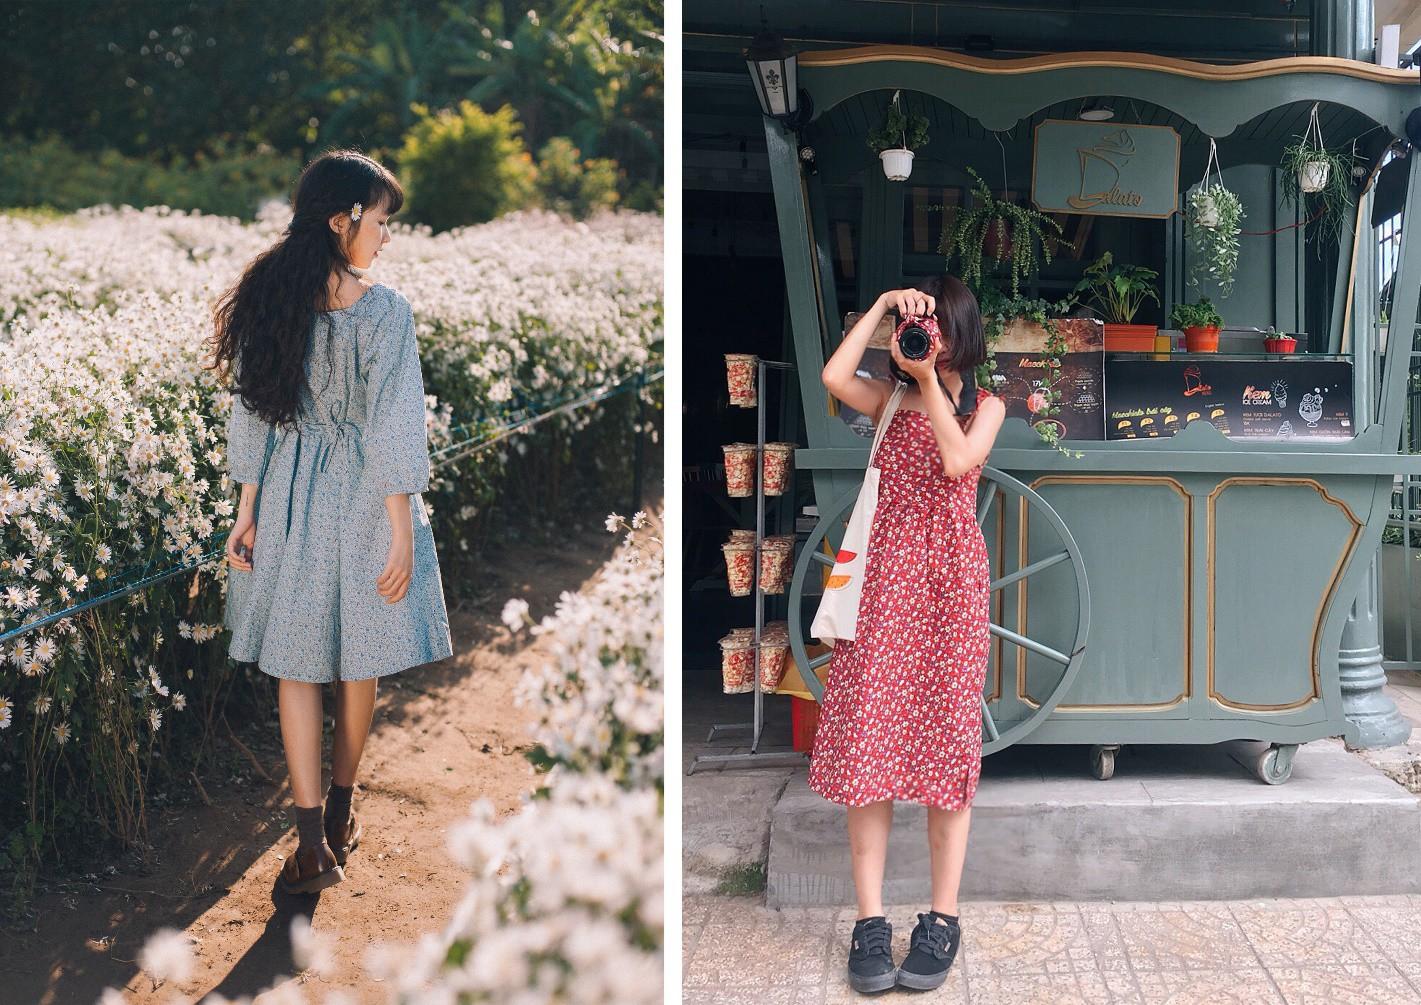 Làhoa: tiệm đồ trong veo mang phong cách vintage, retro - Ảnh 2.